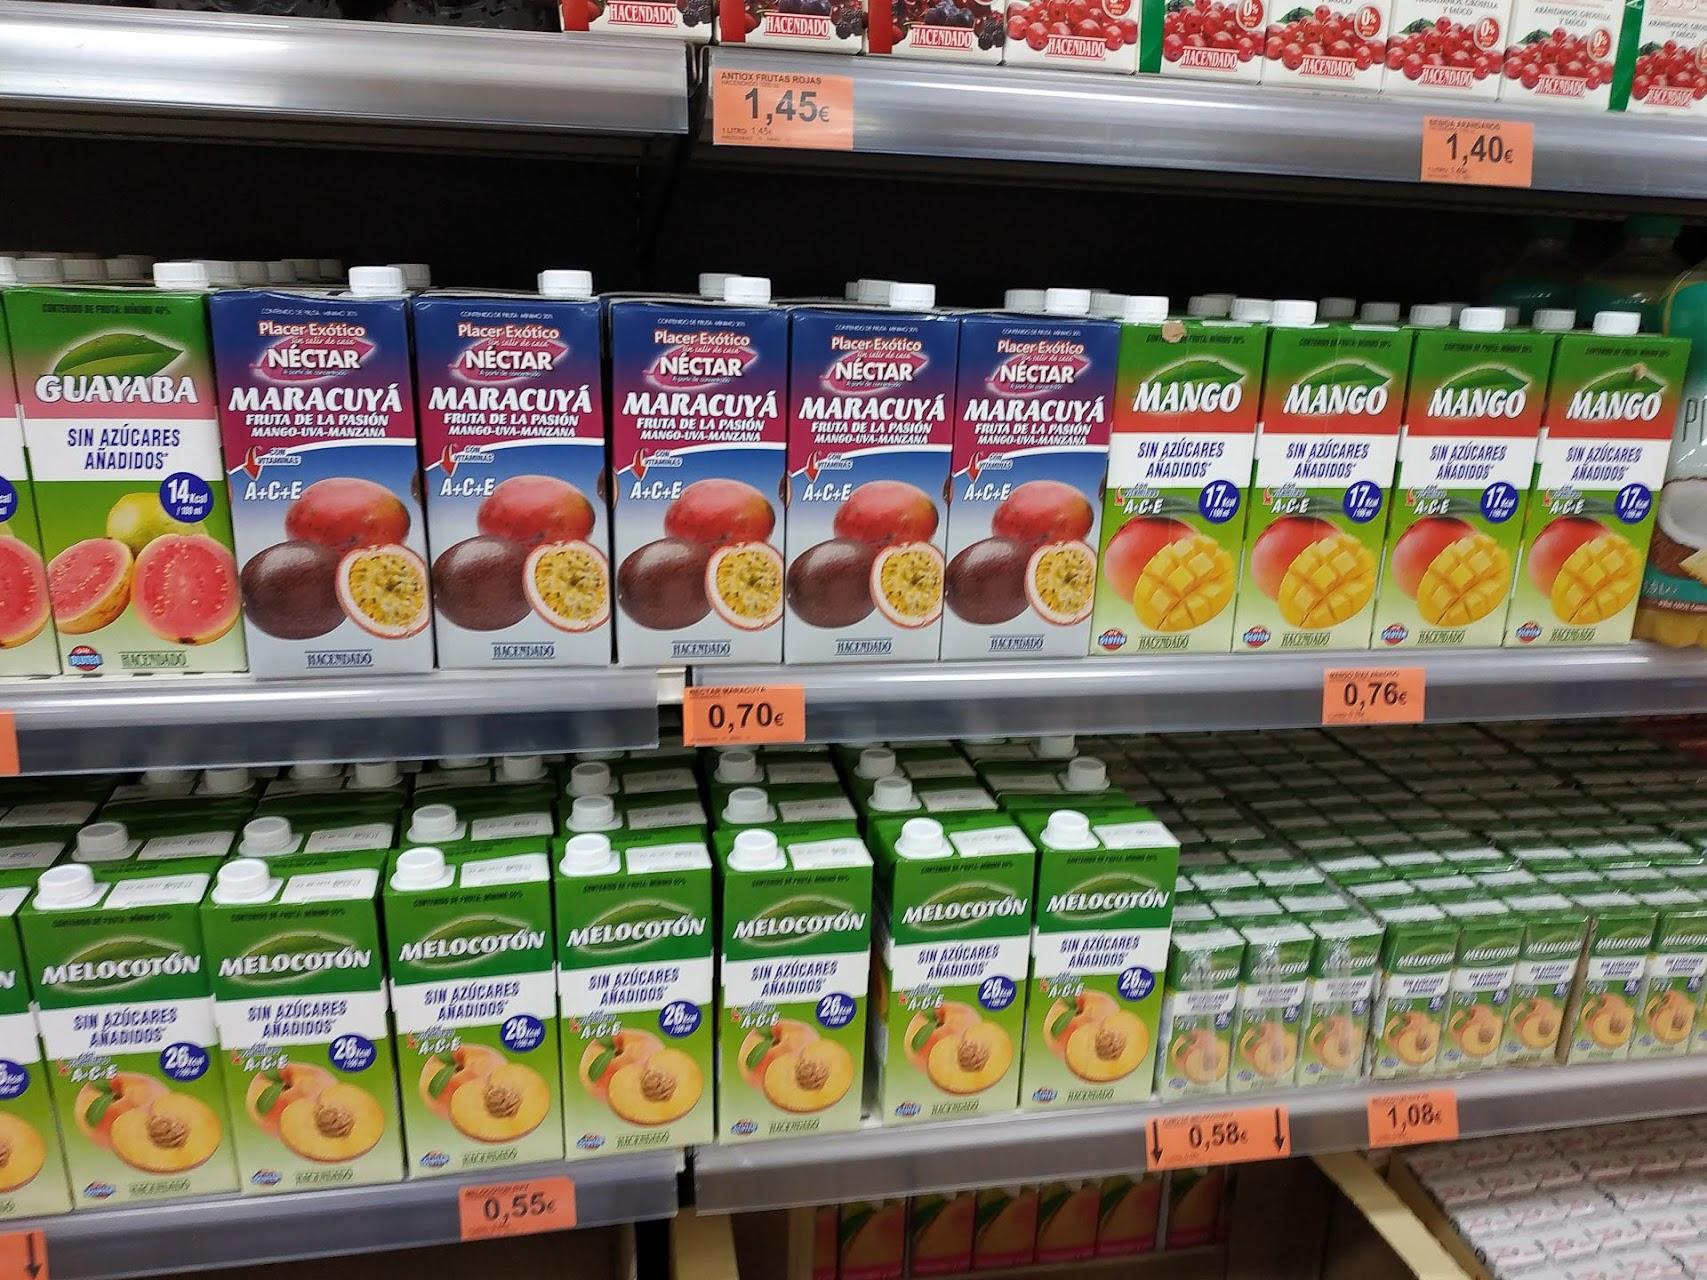 Нектары из манго, маракуци, персиков и абрикосов